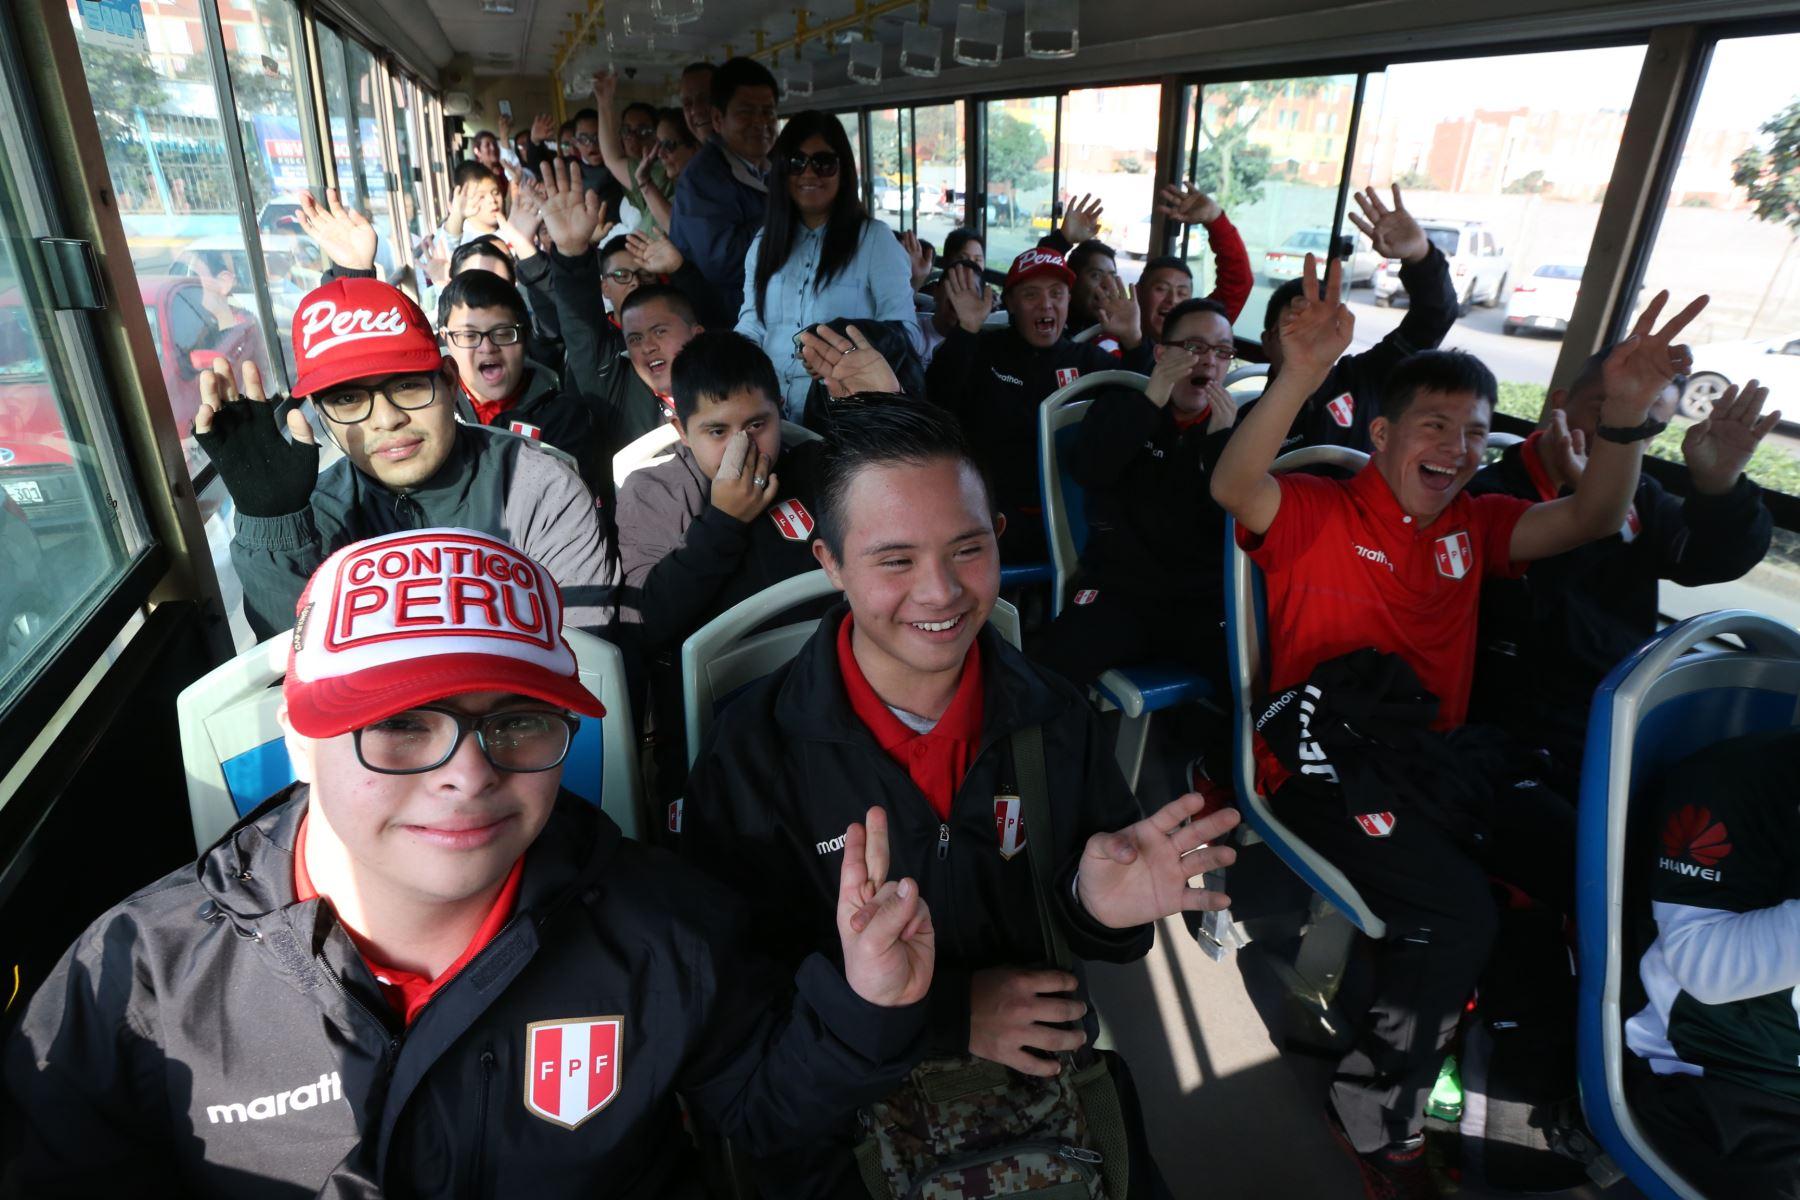 Gracias a las entradas solidarias que otorga Lima 2019, niños y adolescentes de la ONG Colectivo 21 asisten a la ceremonia de inauguración de los Juegos Parapanamericanos. Foto: ANDINA/Eddy Ramos